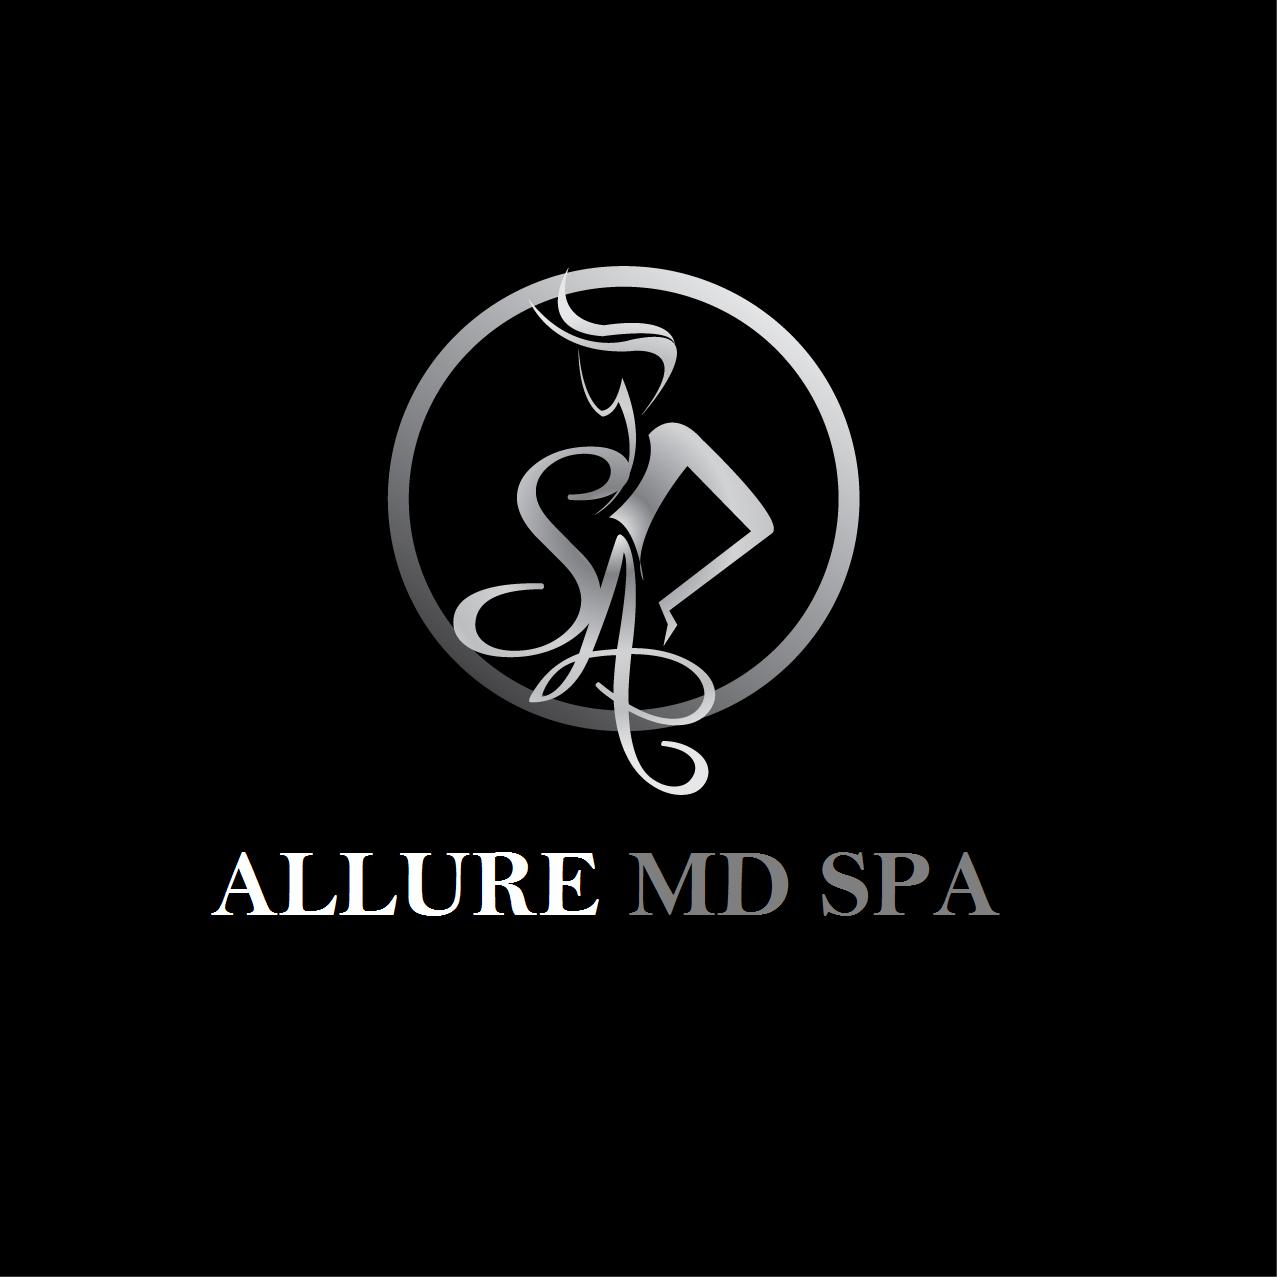 Allure MD Spa & Wellness Center - Morganville, NJ 07751 - (732)851-7005 | ShowMeLocal.com